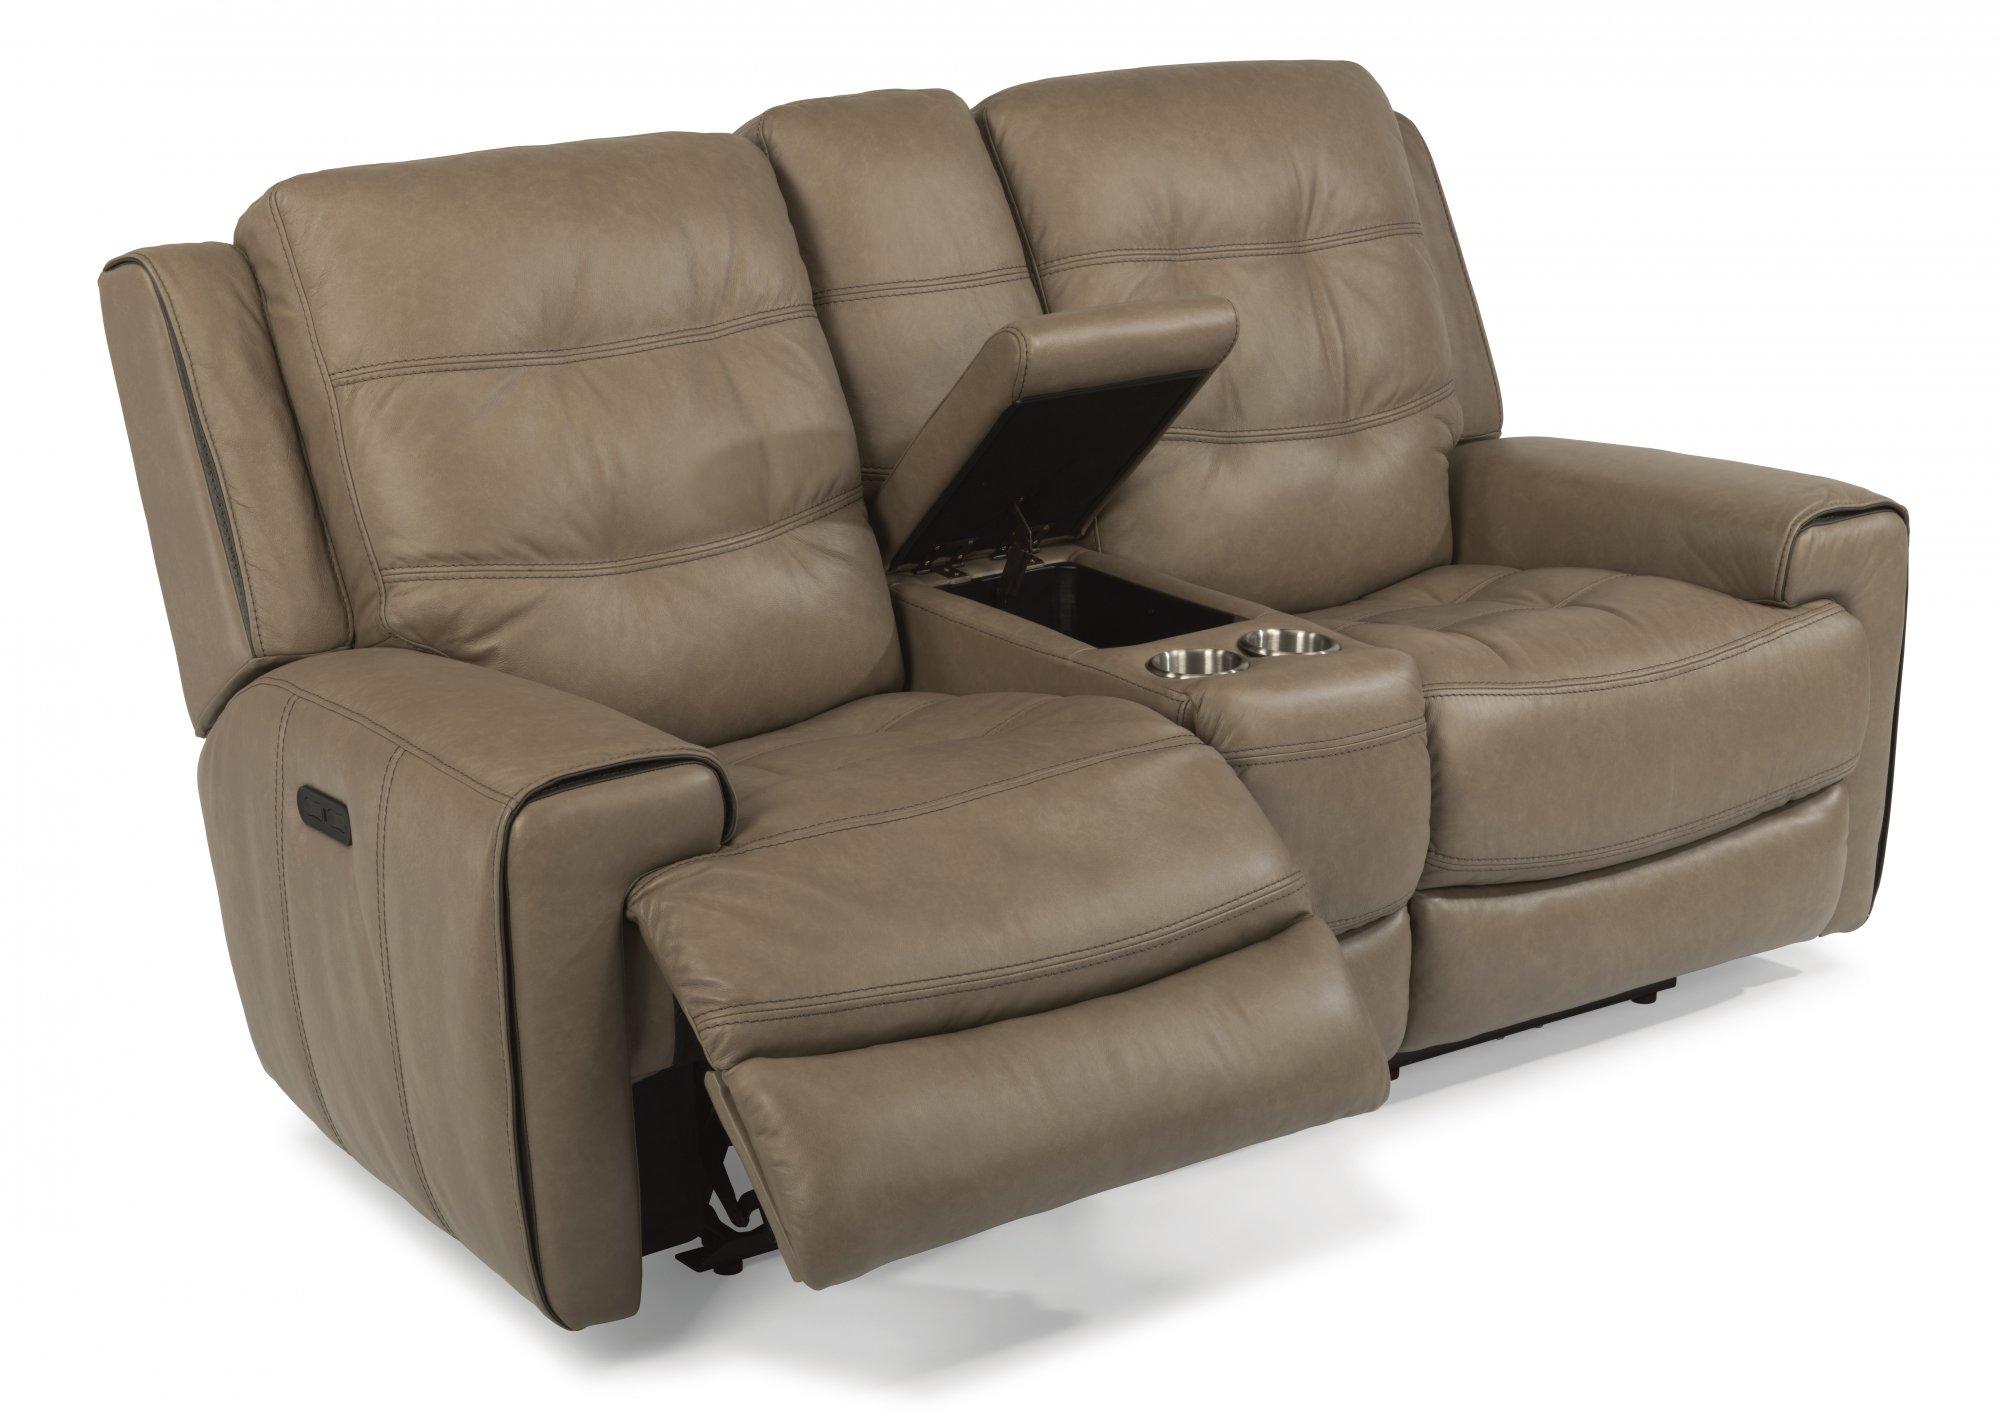 100 Flexsteel Living Room Leather Sofa